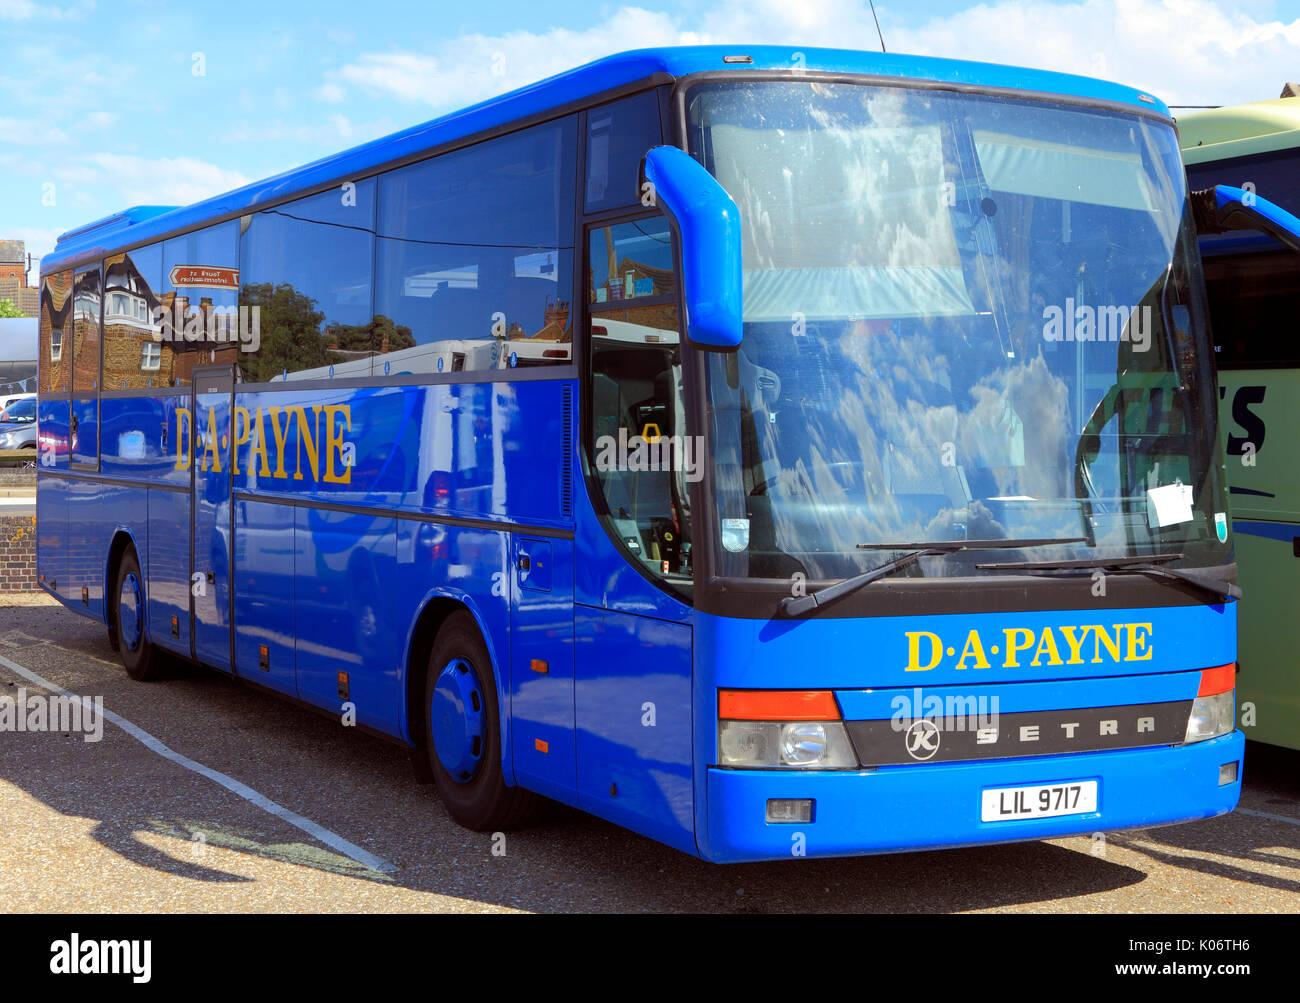 D.A. Payne, autobus, pullman, giorno suggerimenti, viaggio, escursione, escursioni, agenzia di viaggi, compagnie di trasporto, vacanze, viaggi, England, Regno Unito Immagini Stock